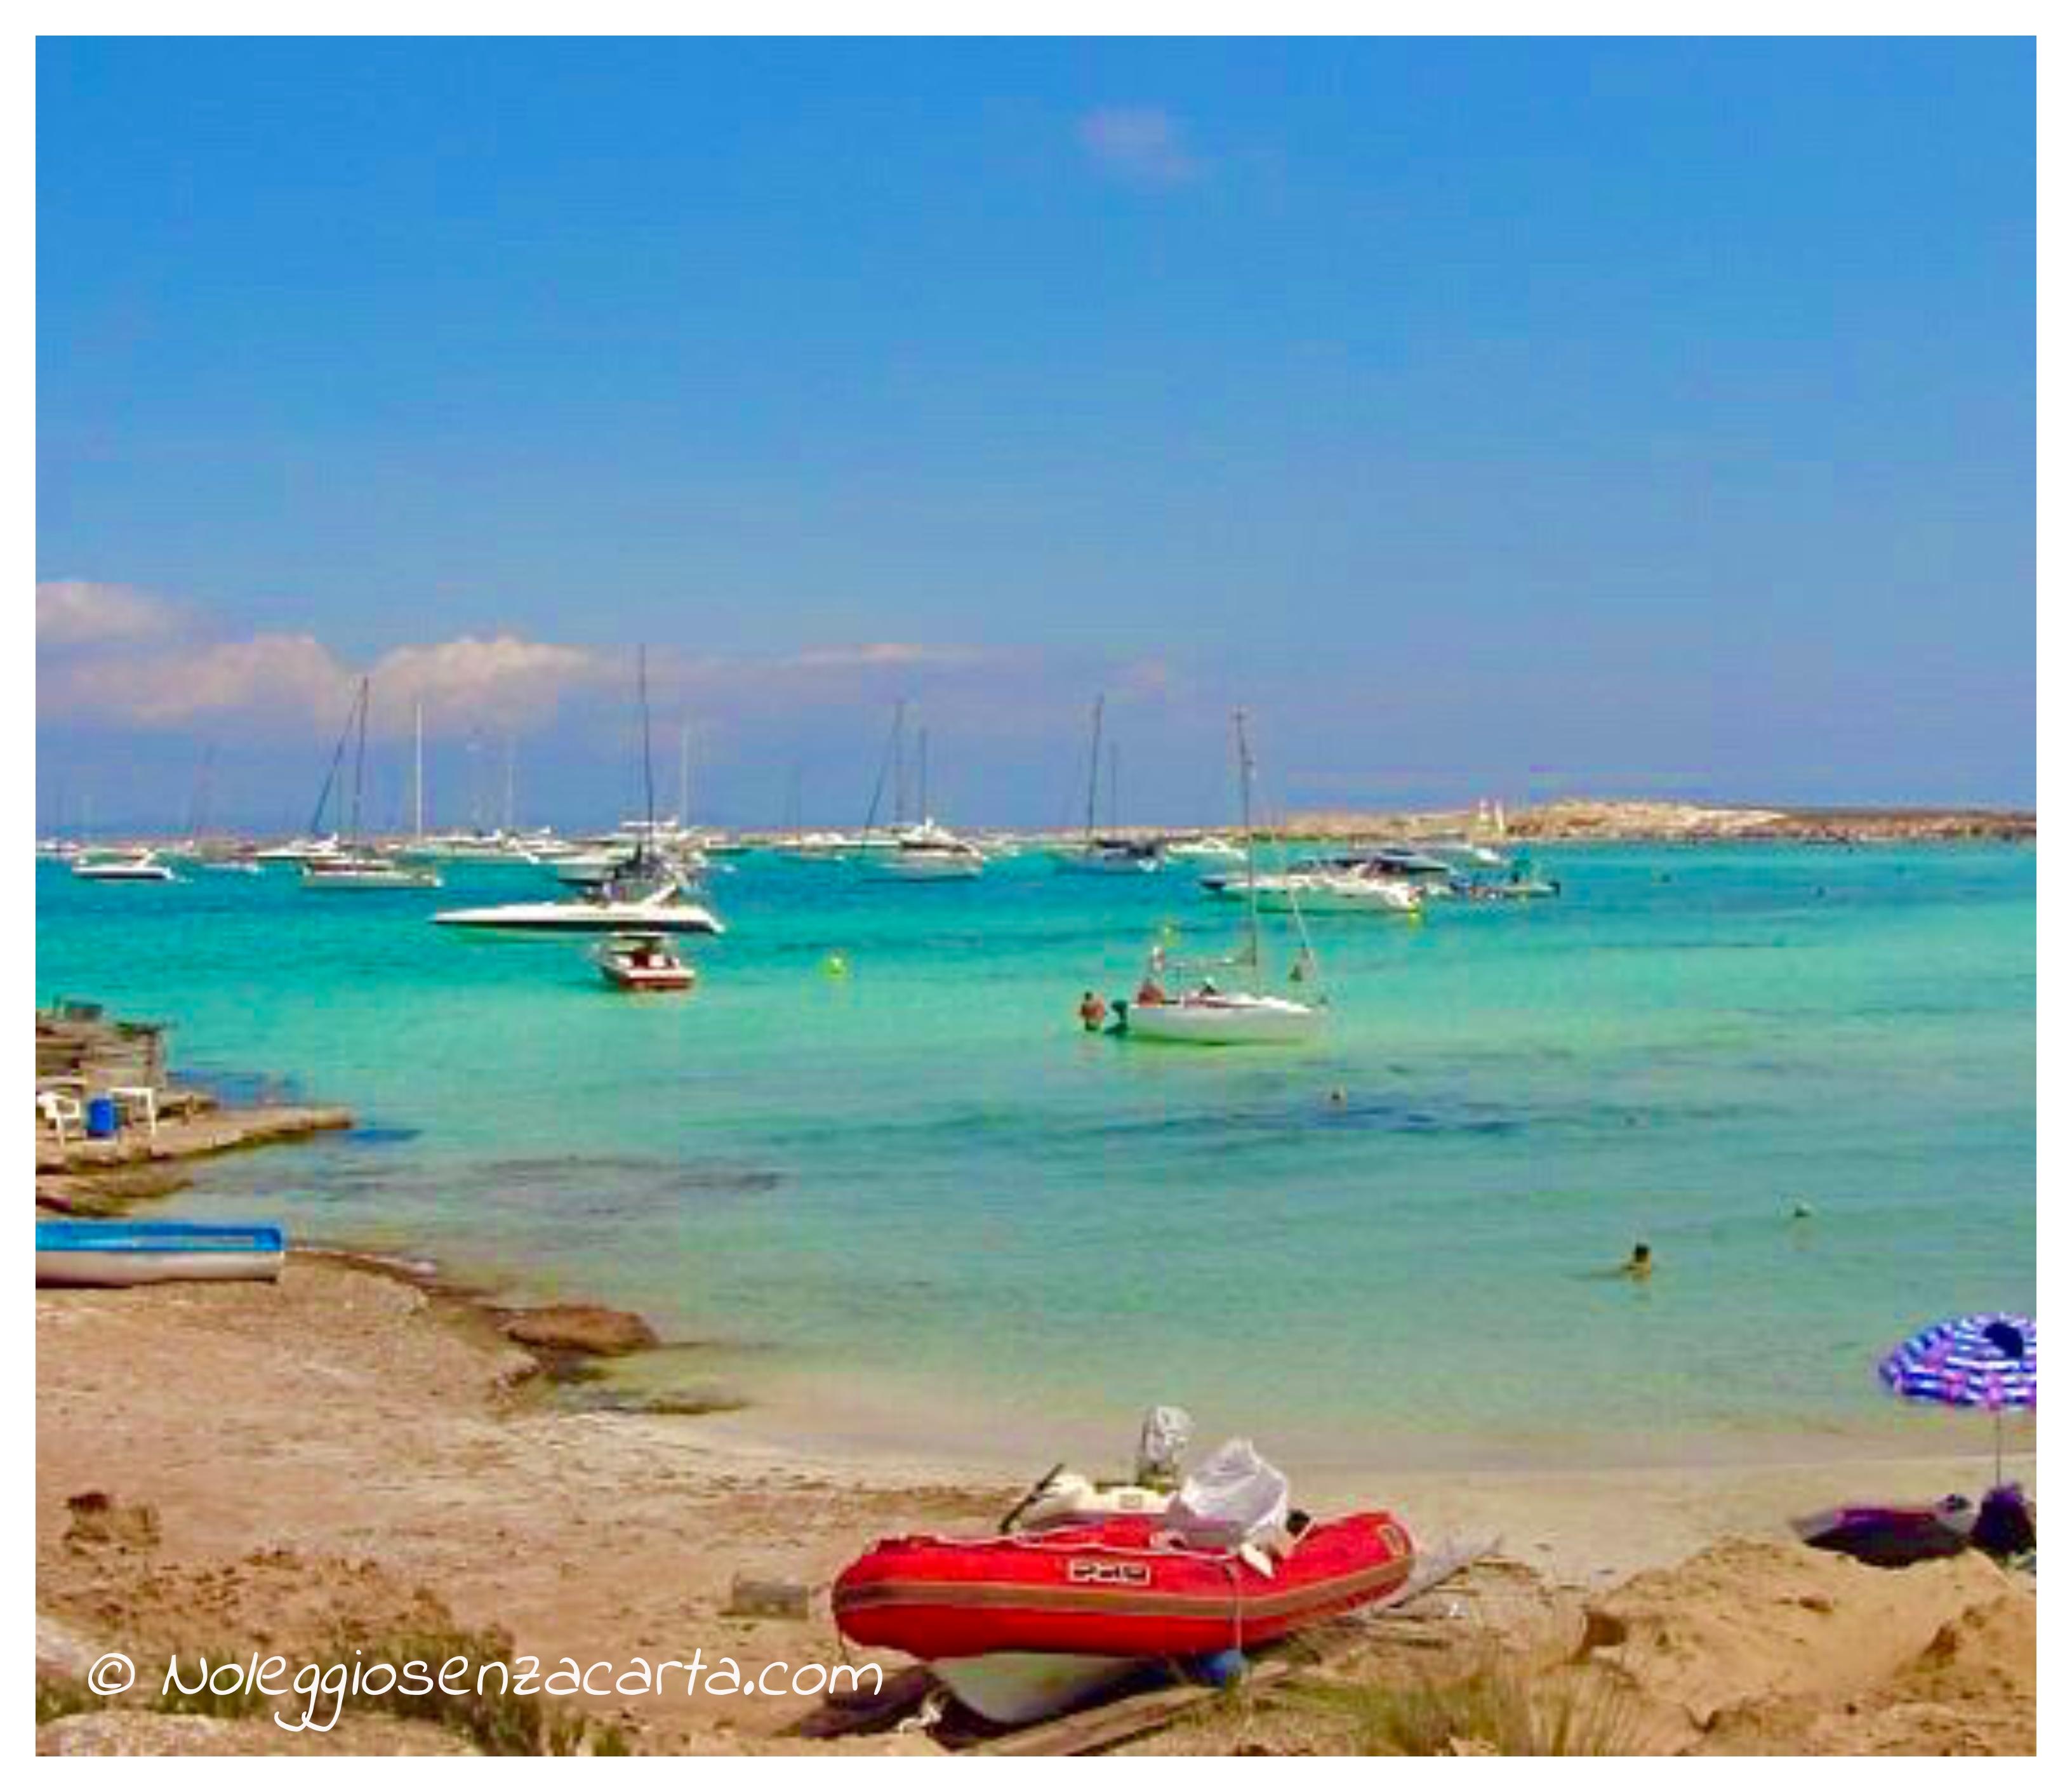 Noleggiare auto senza carta di credito a Formentera